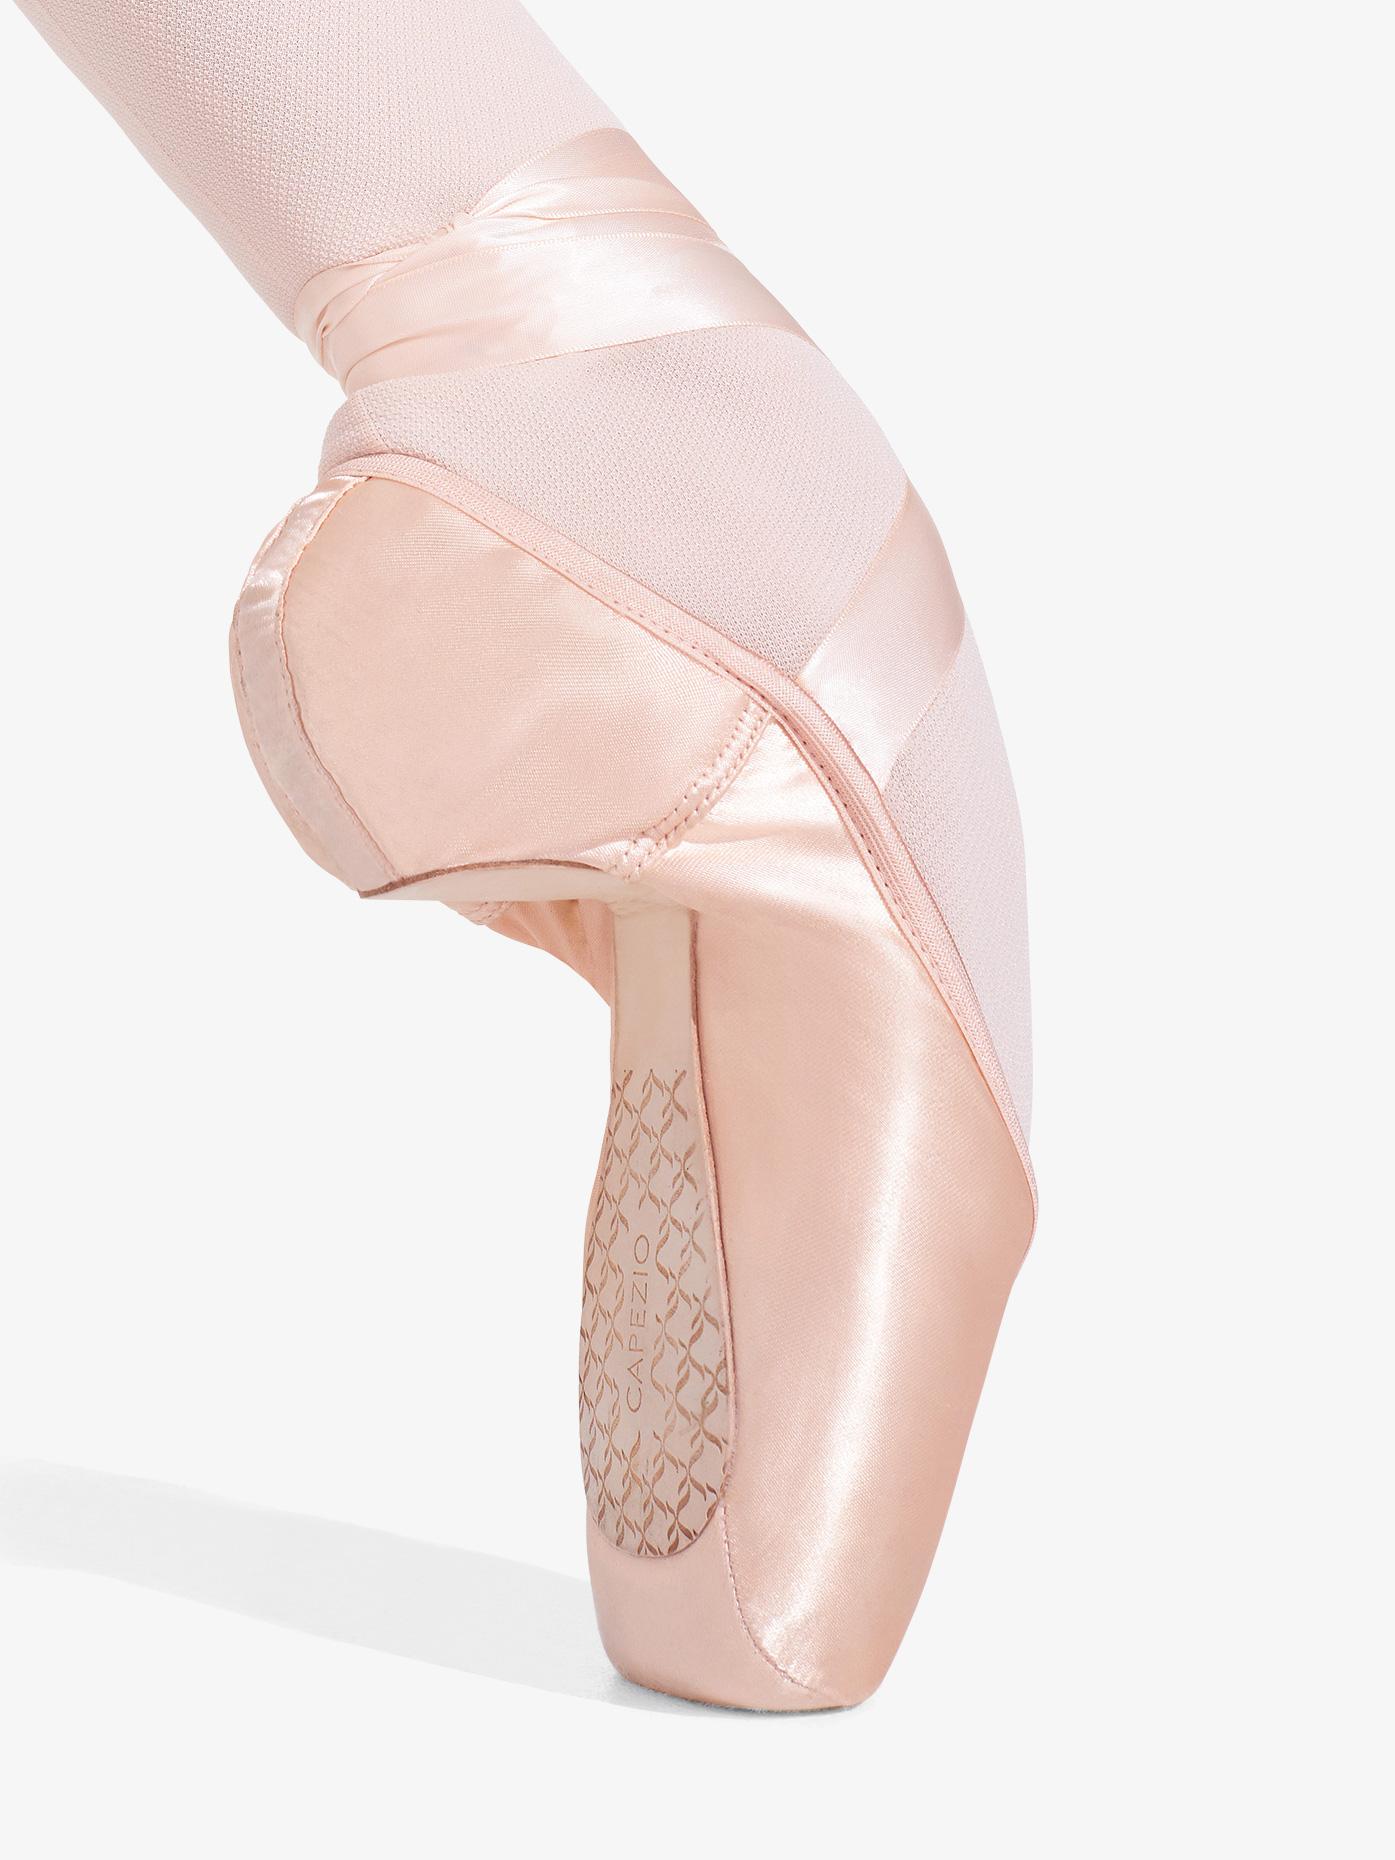 Capezio Womens Cambre Broad Toe #3 Shank Pointe Shoes 1126W